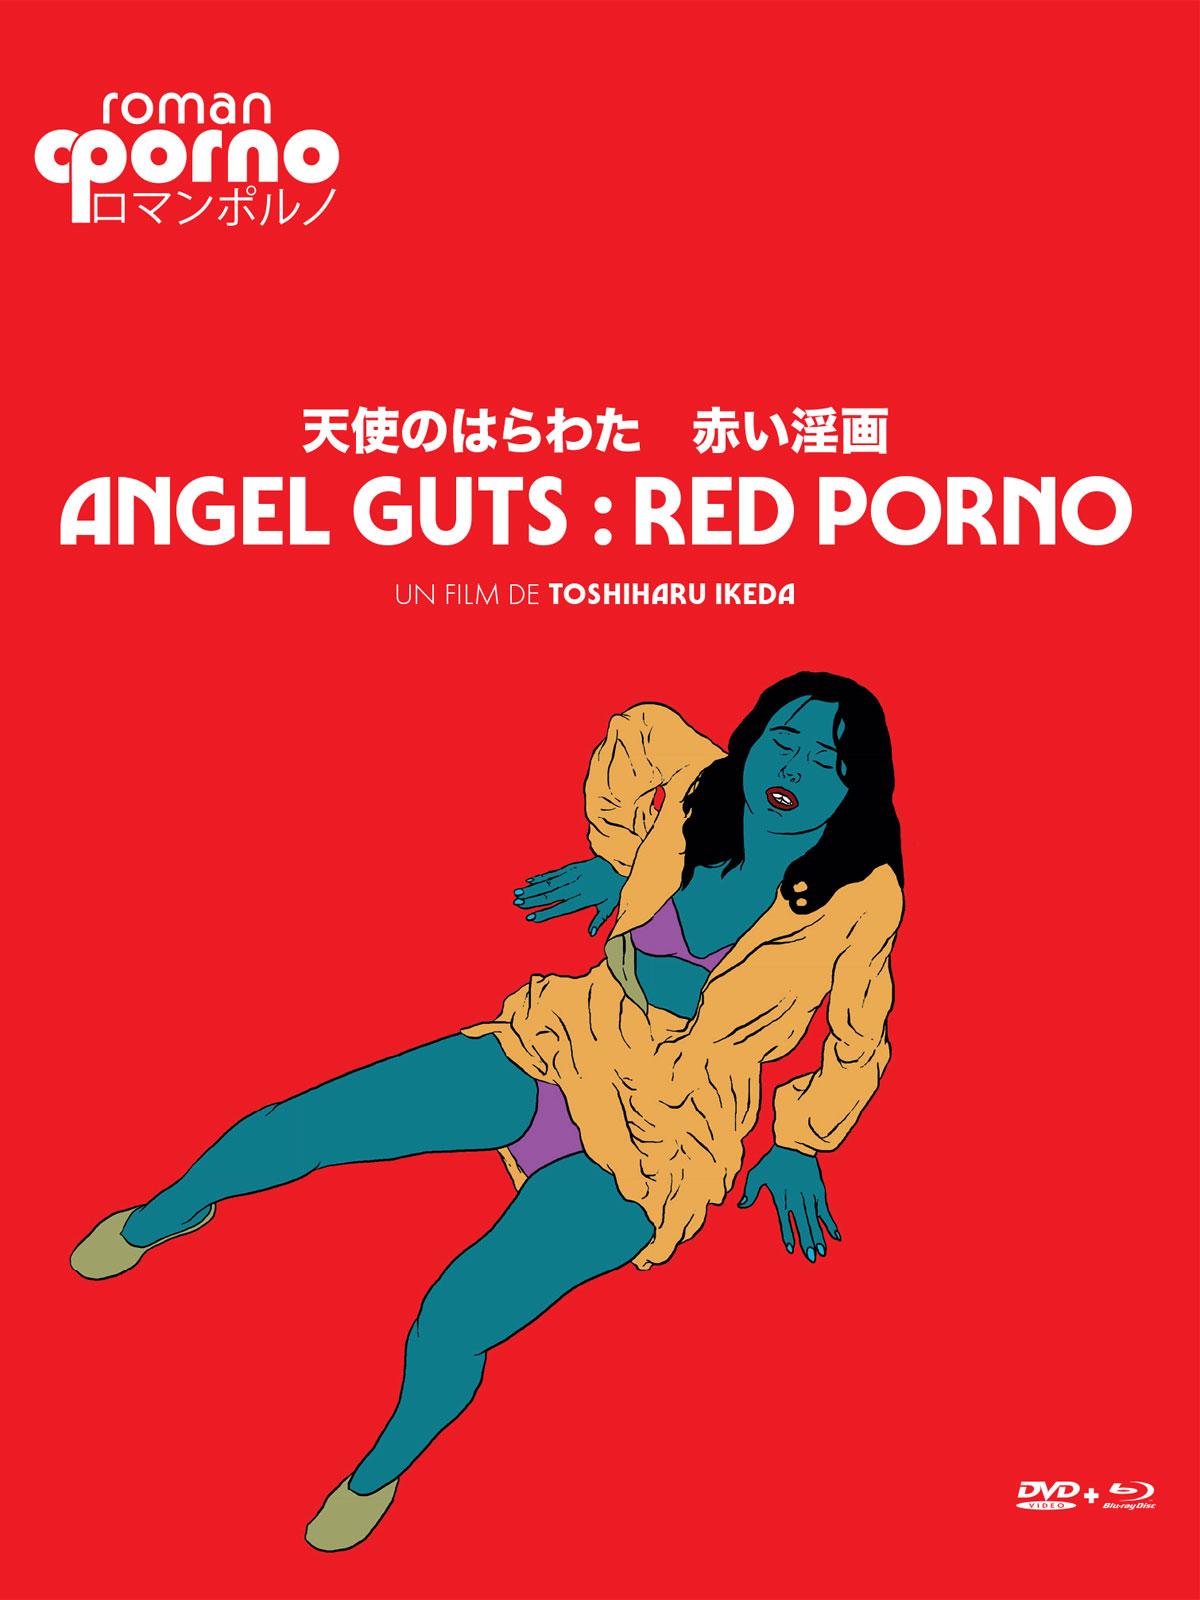 Angel Guts Red Porno-Tenshi No Harawata Akai Inga 1981 angel guts : red porno - film 1981 - allociné